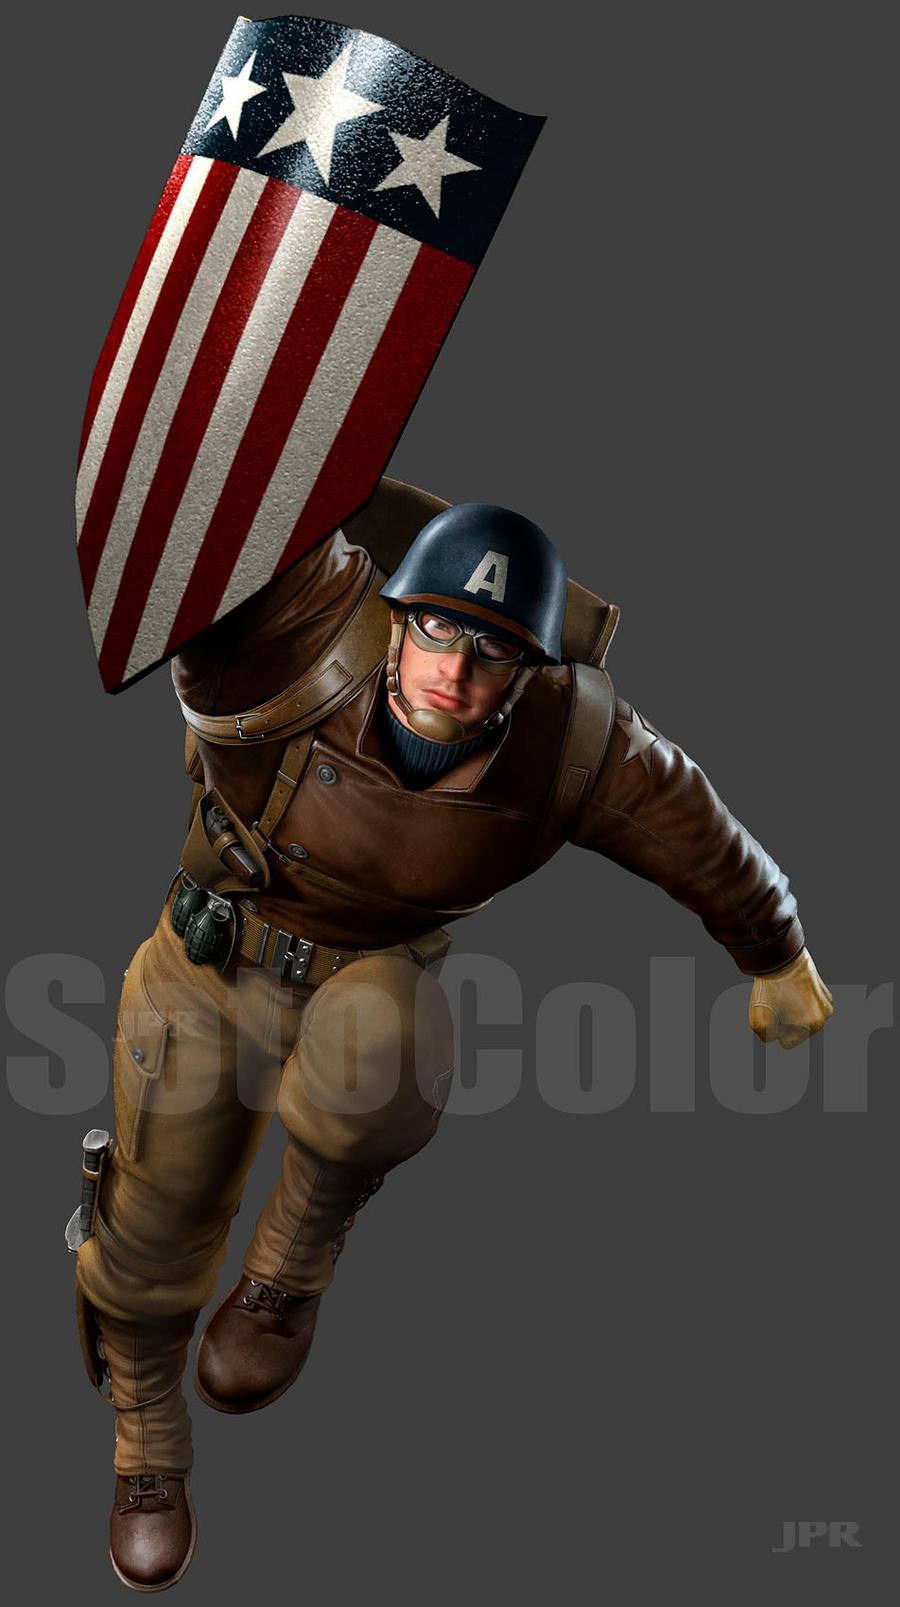 Combat Cap by JPRart